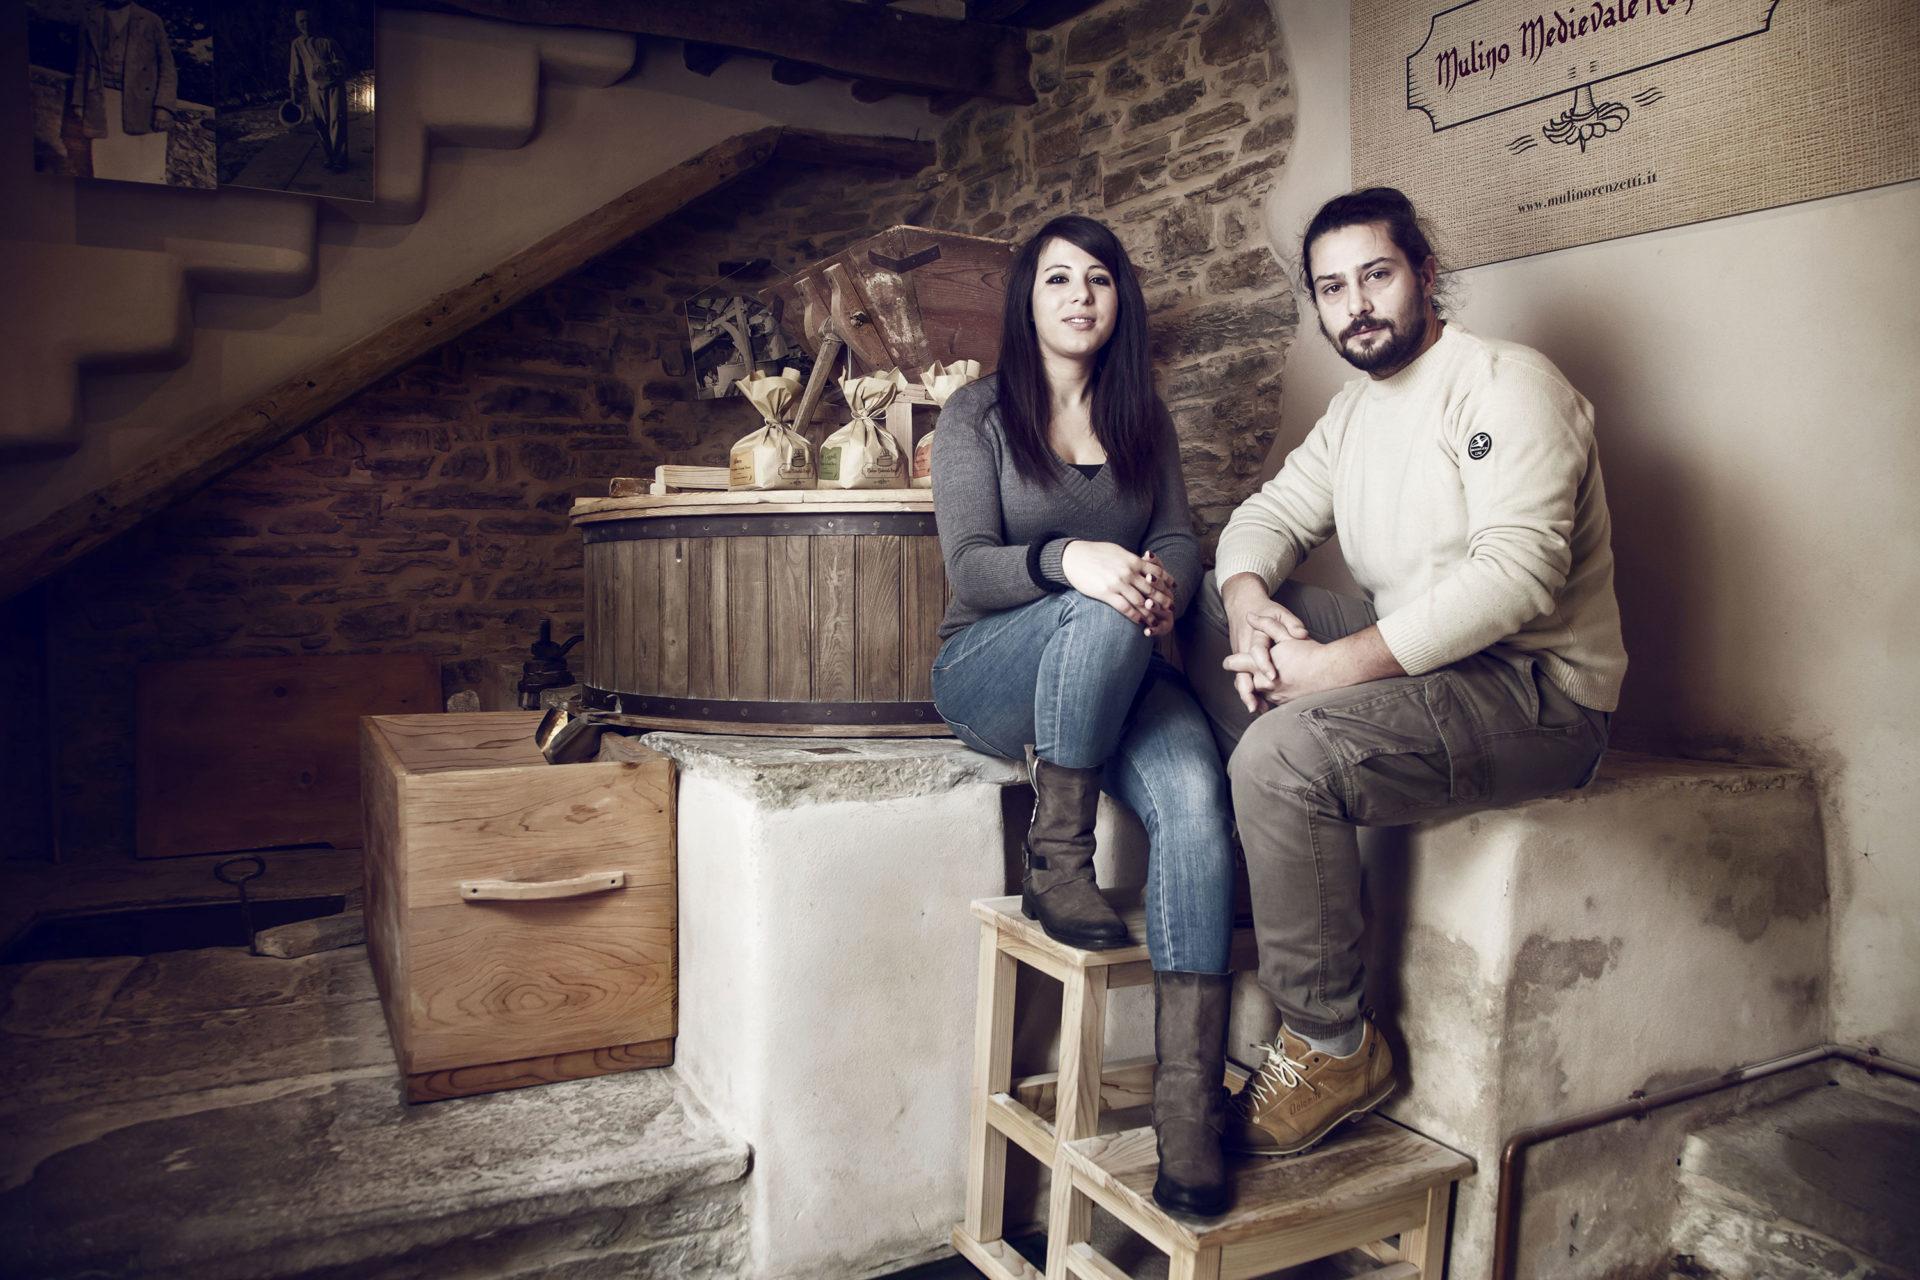 Stefano Piergentili e Cinzia Corgnioli - portrait